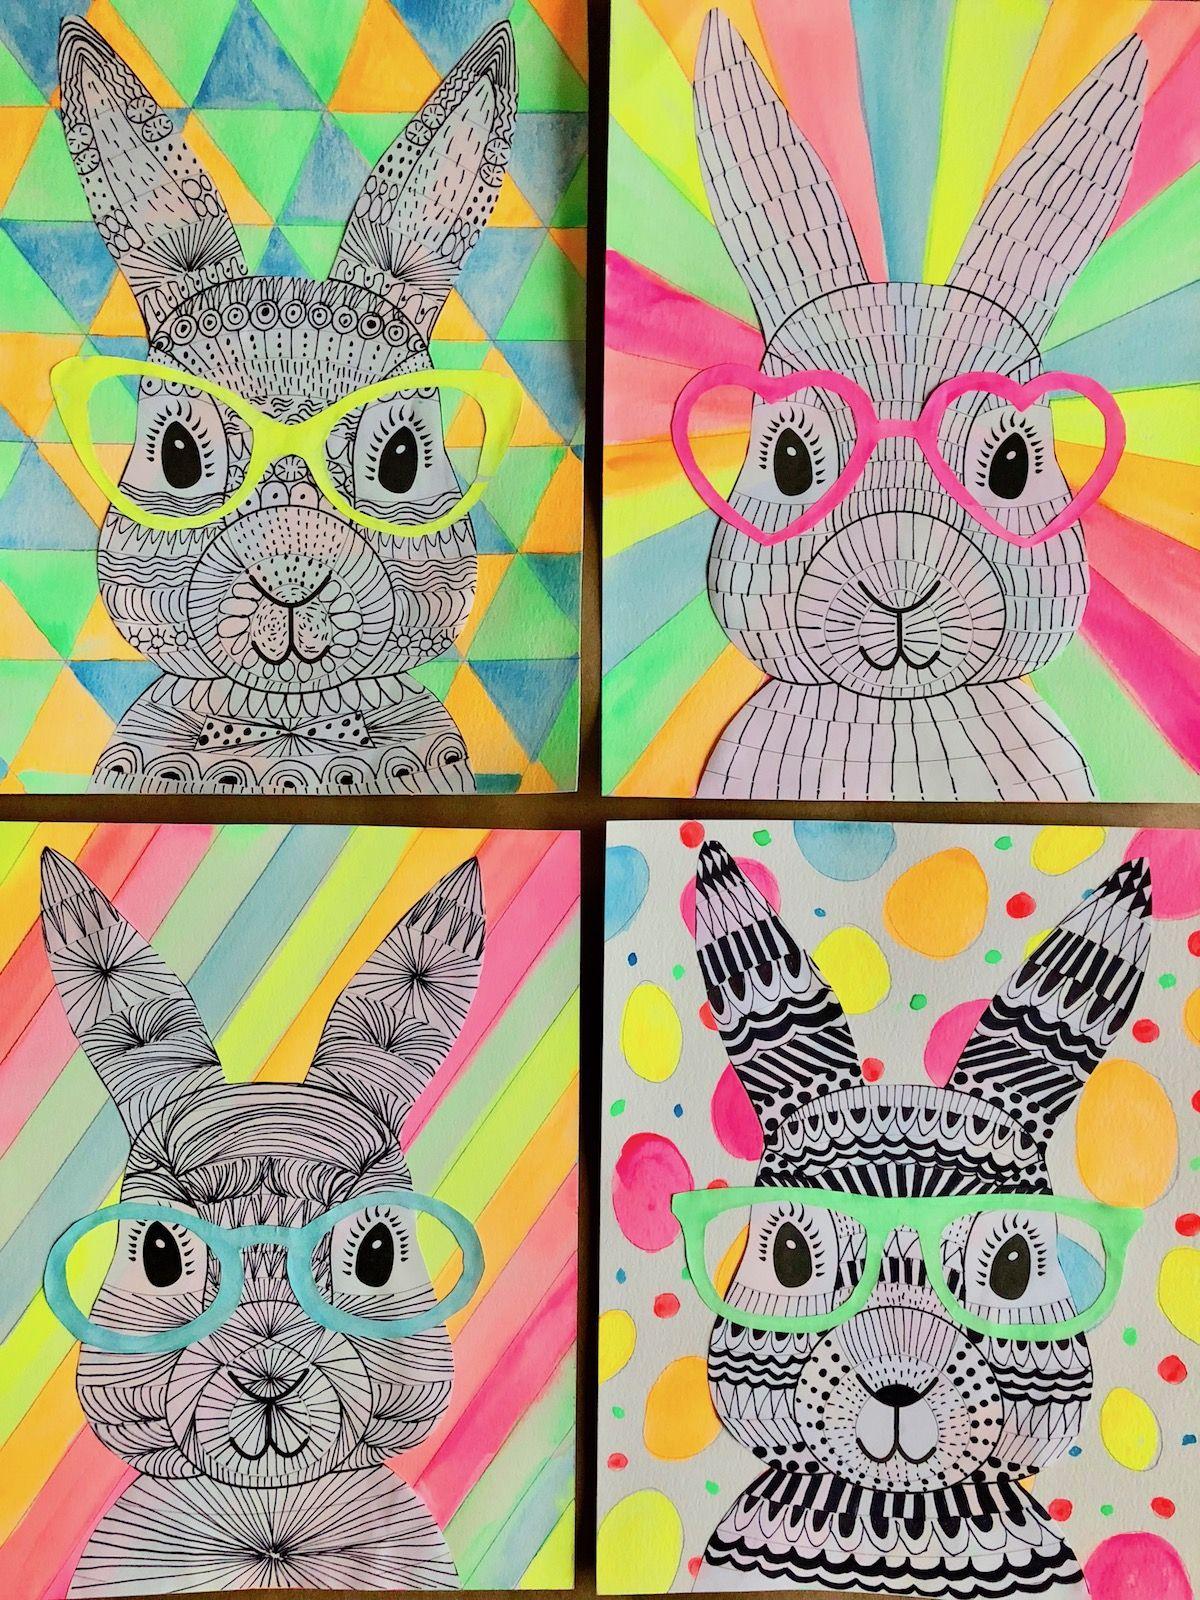 Funky Easter Bunnies Zentangle Drawing Artforkids